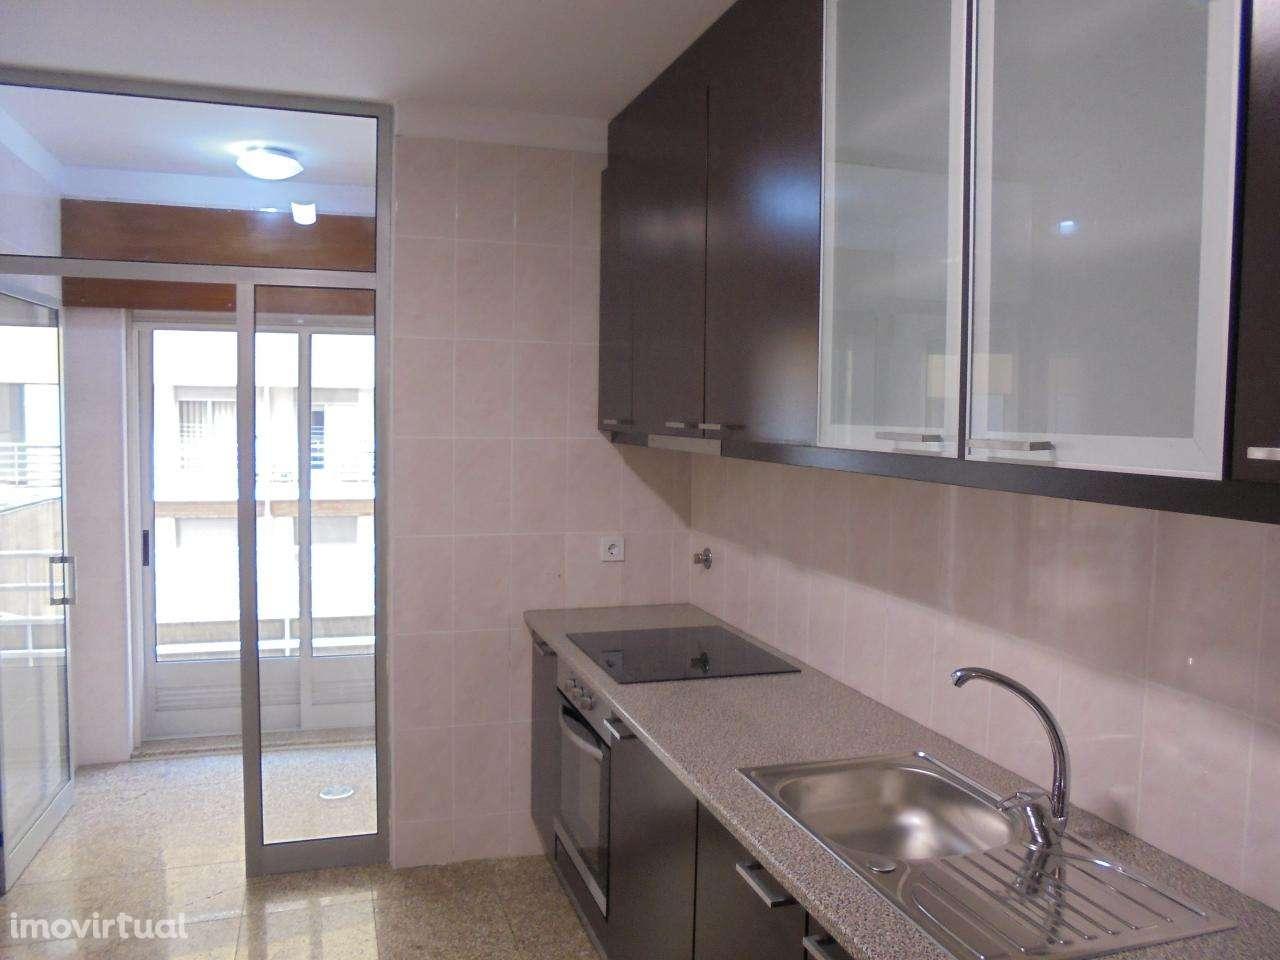 Apartamento para comprar, Águas Santas, Maia, Porto - Foto 5